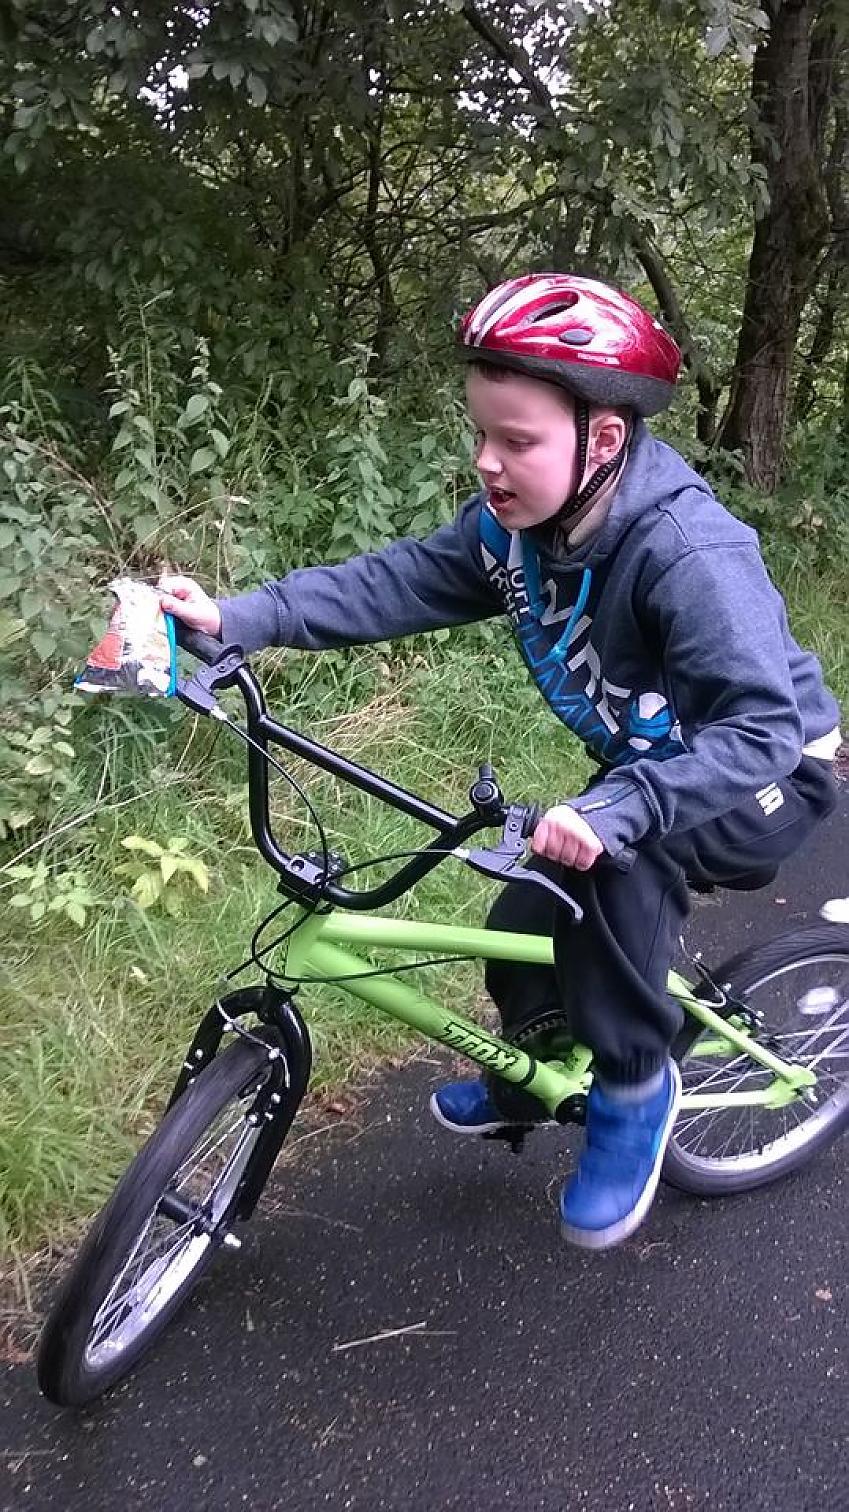 A child riding a bike